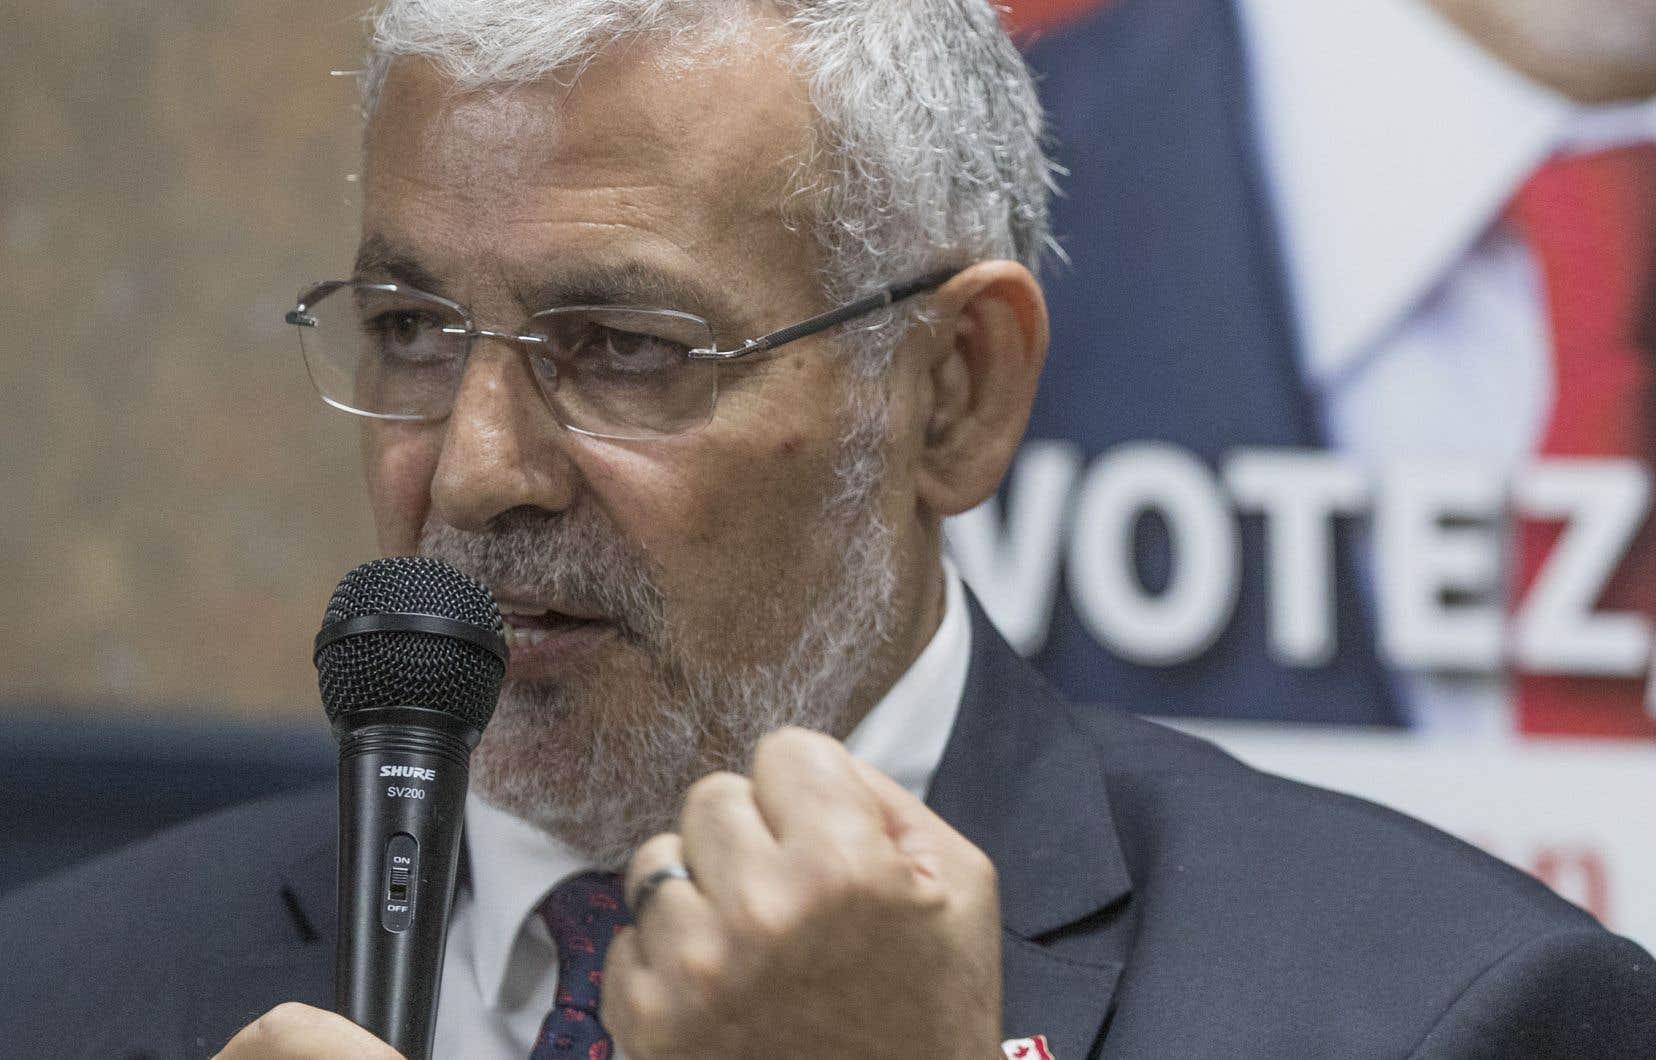 L'imam Hassan Guillet devait porter les couleurs du Parti libéral jusqu'à l'intervention du B'nai Brith, qui a ressorti des déclarations controversées du candidat que Justin Trudeau vient de récuser.